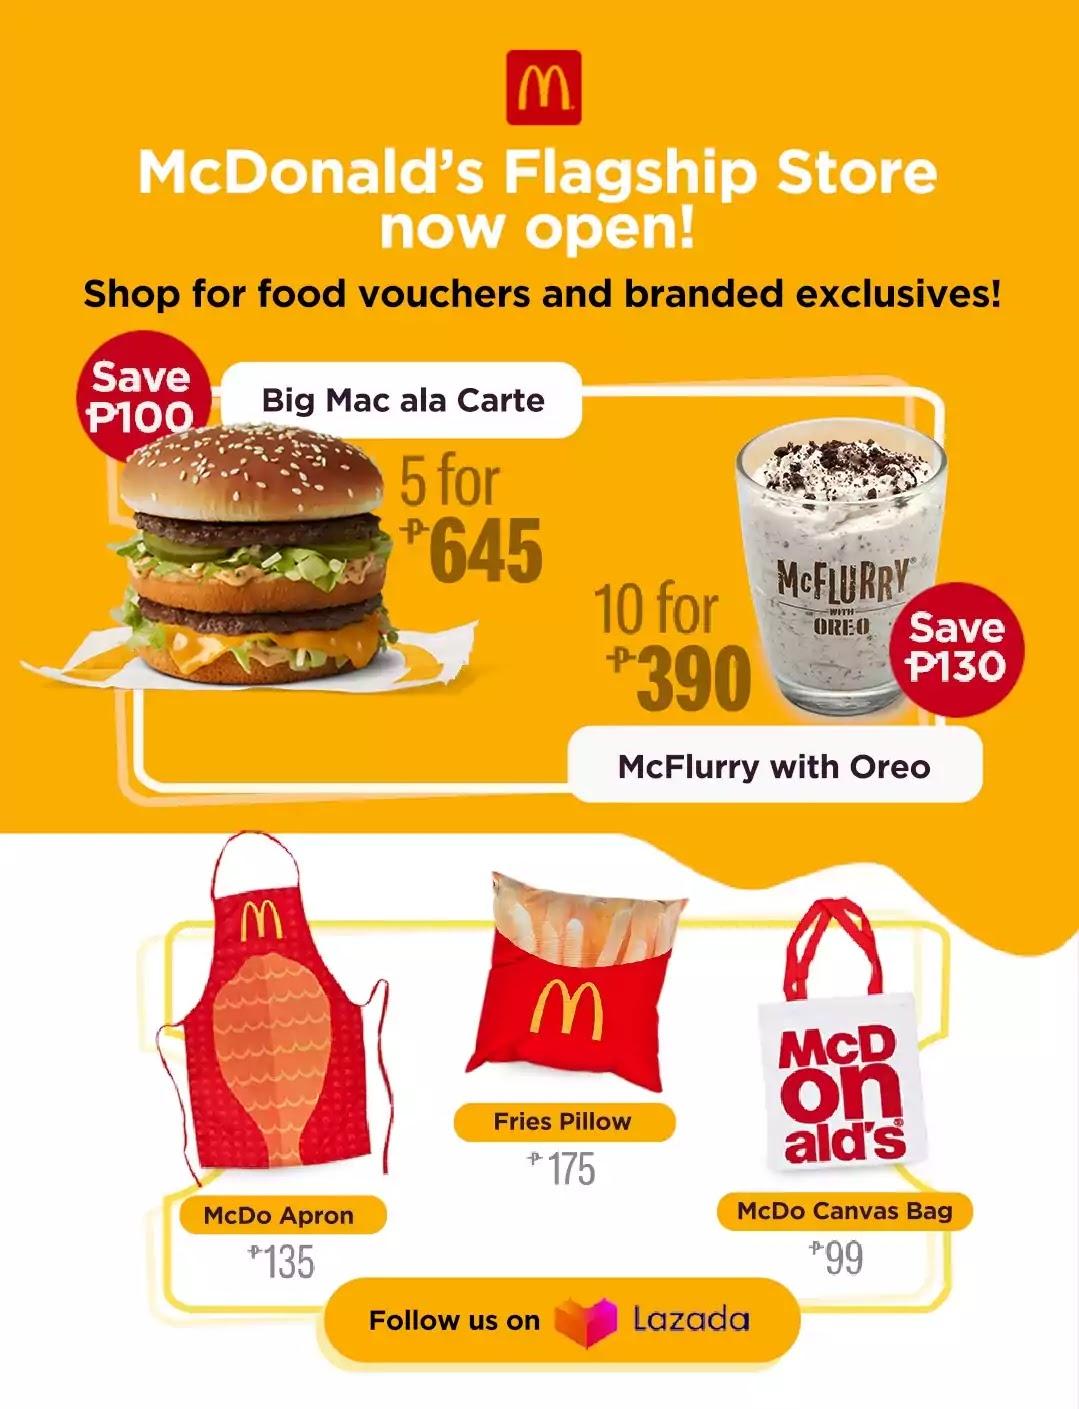 McDonald's food and merch at LazMall